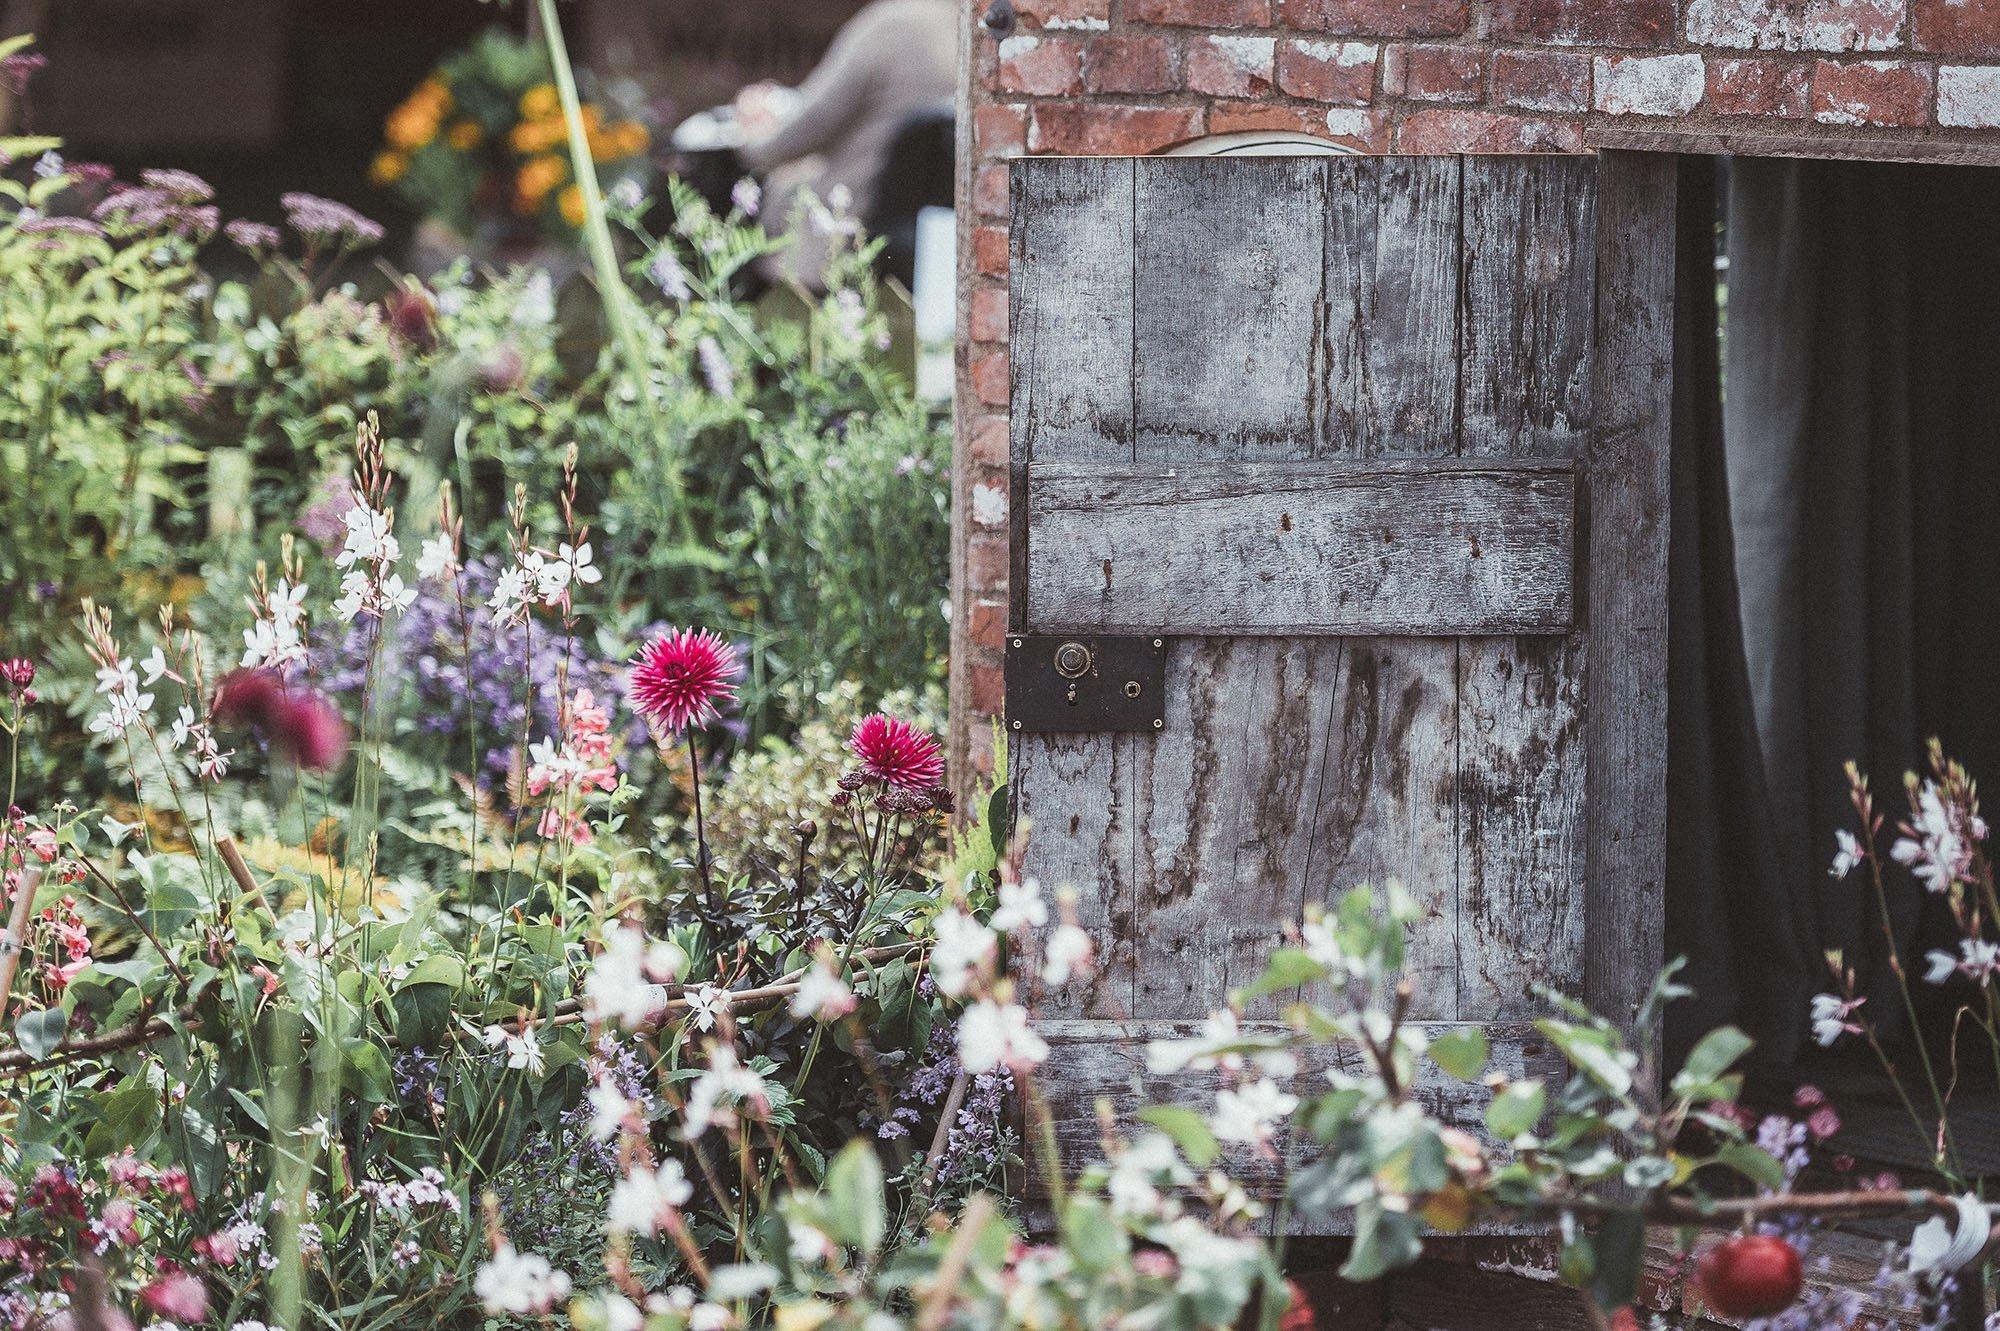 piante e felicità